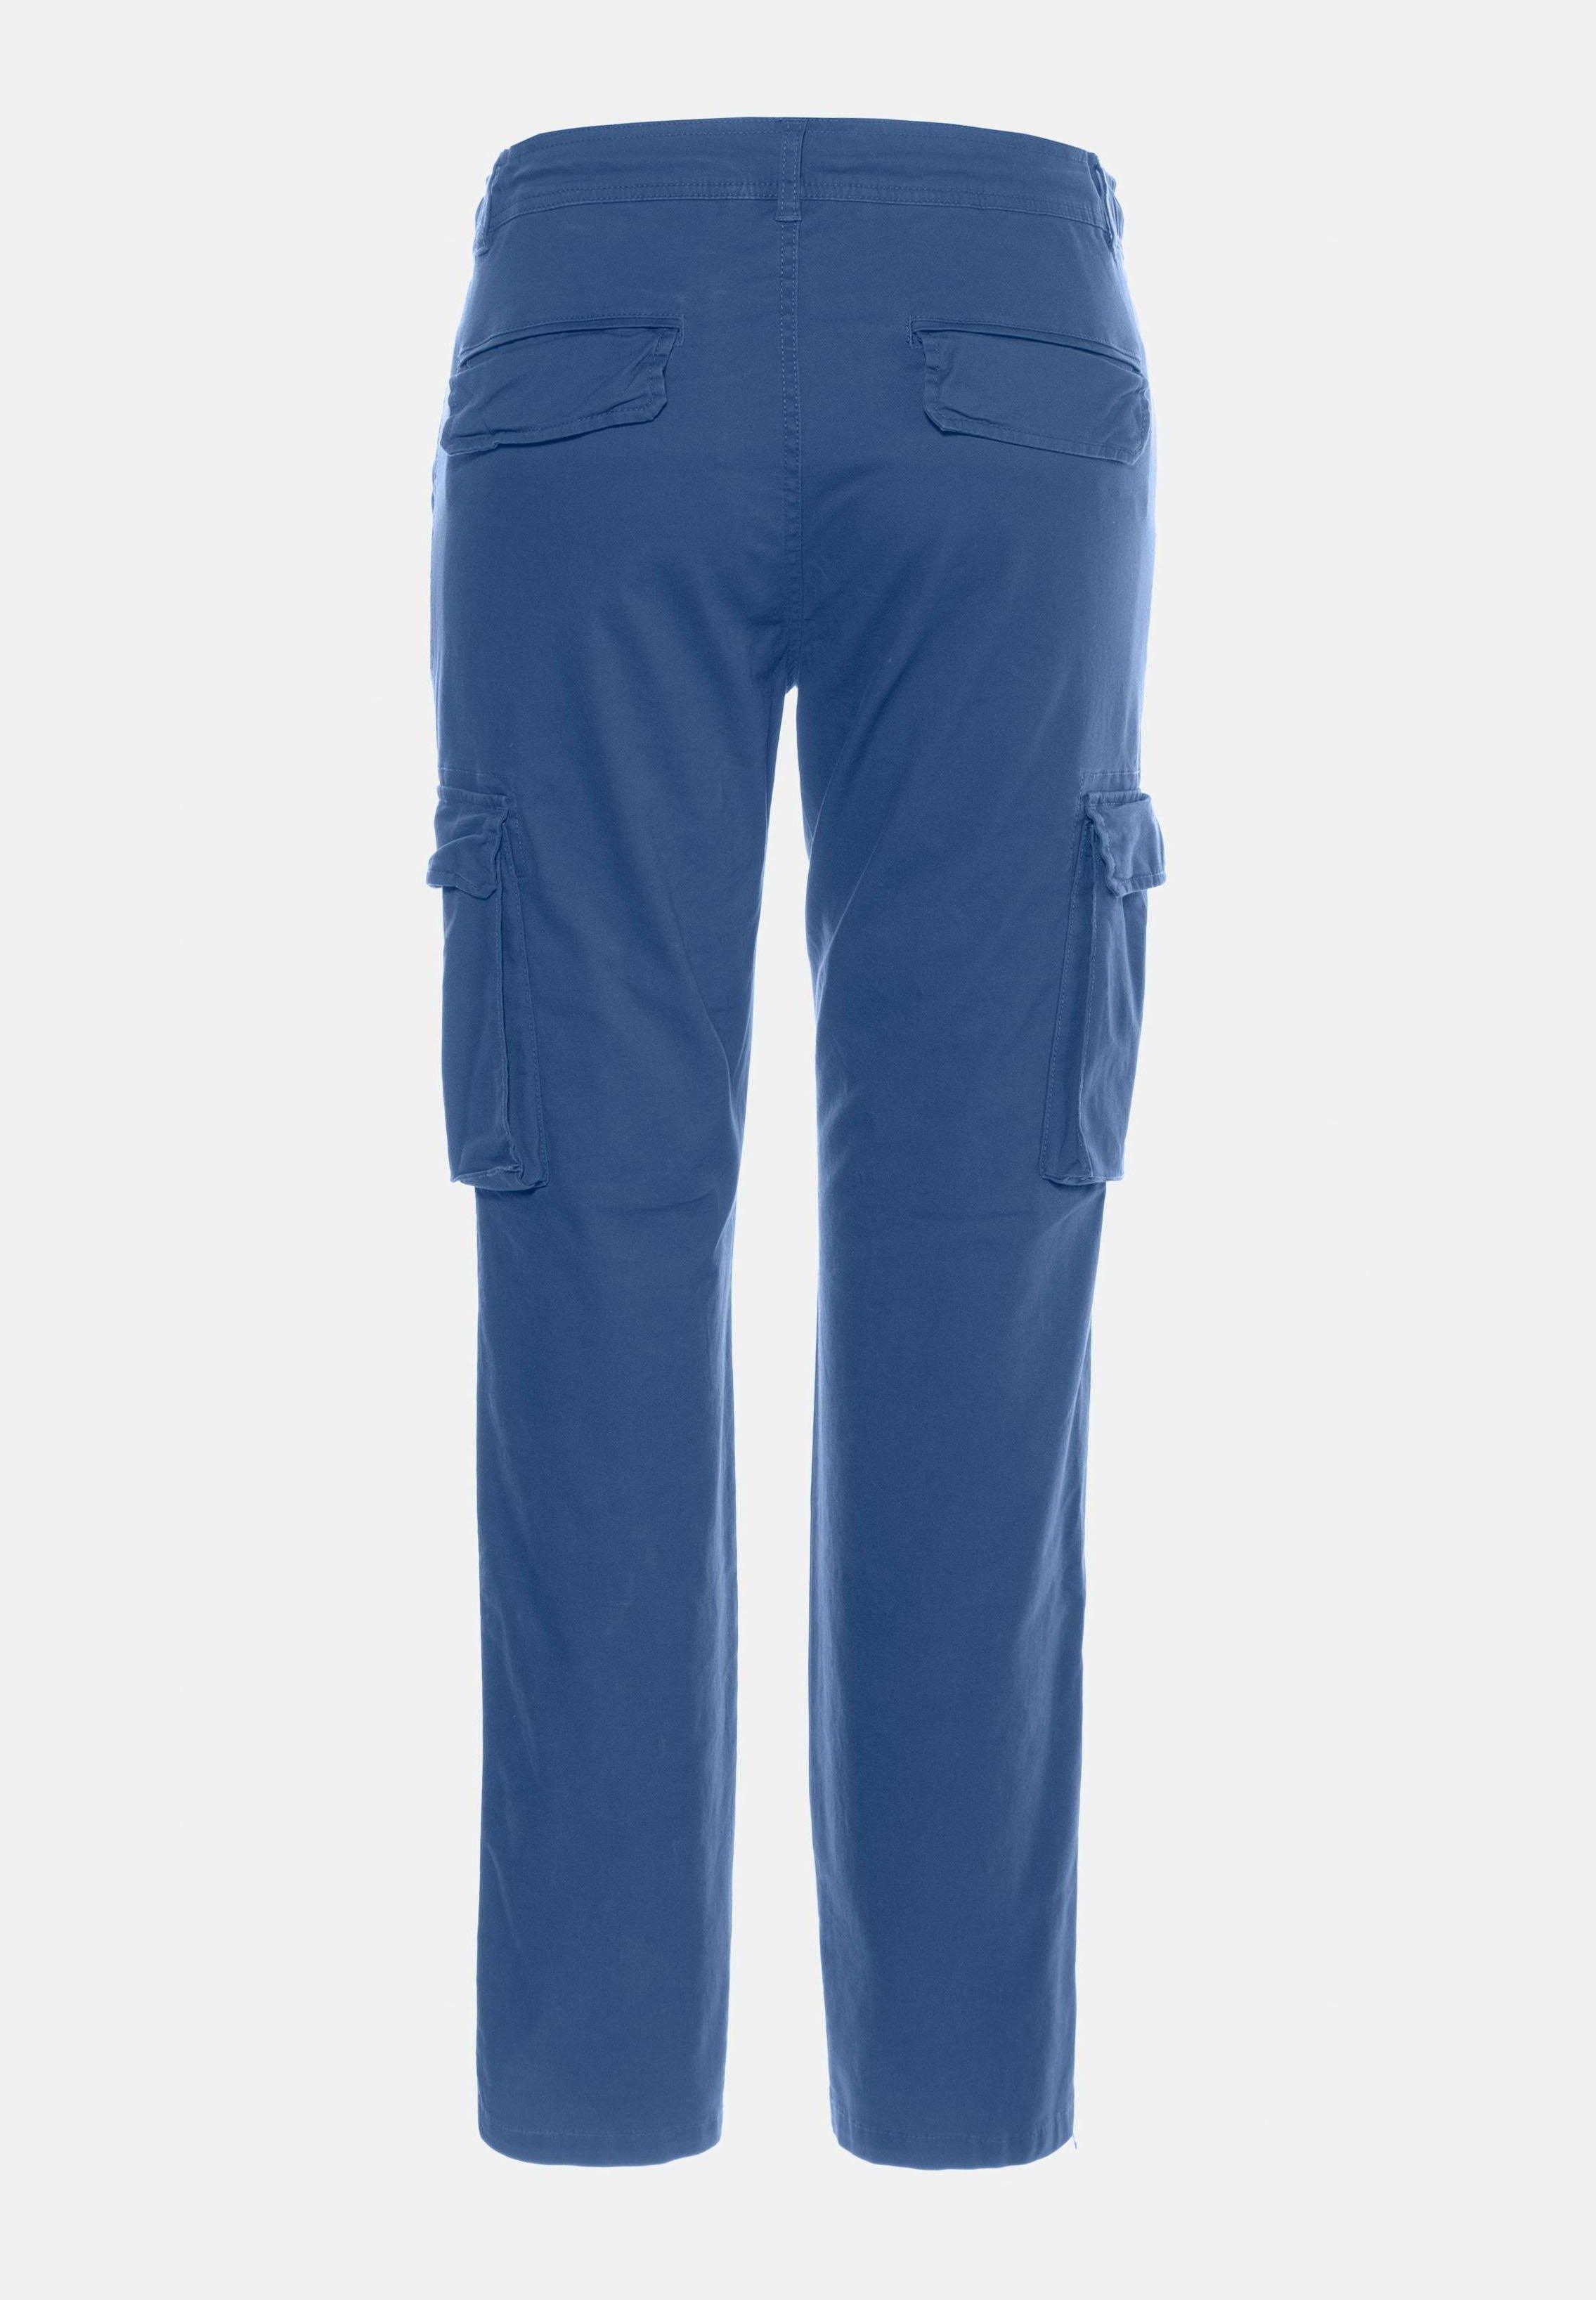 JP1880 Pantalon cargo - blau